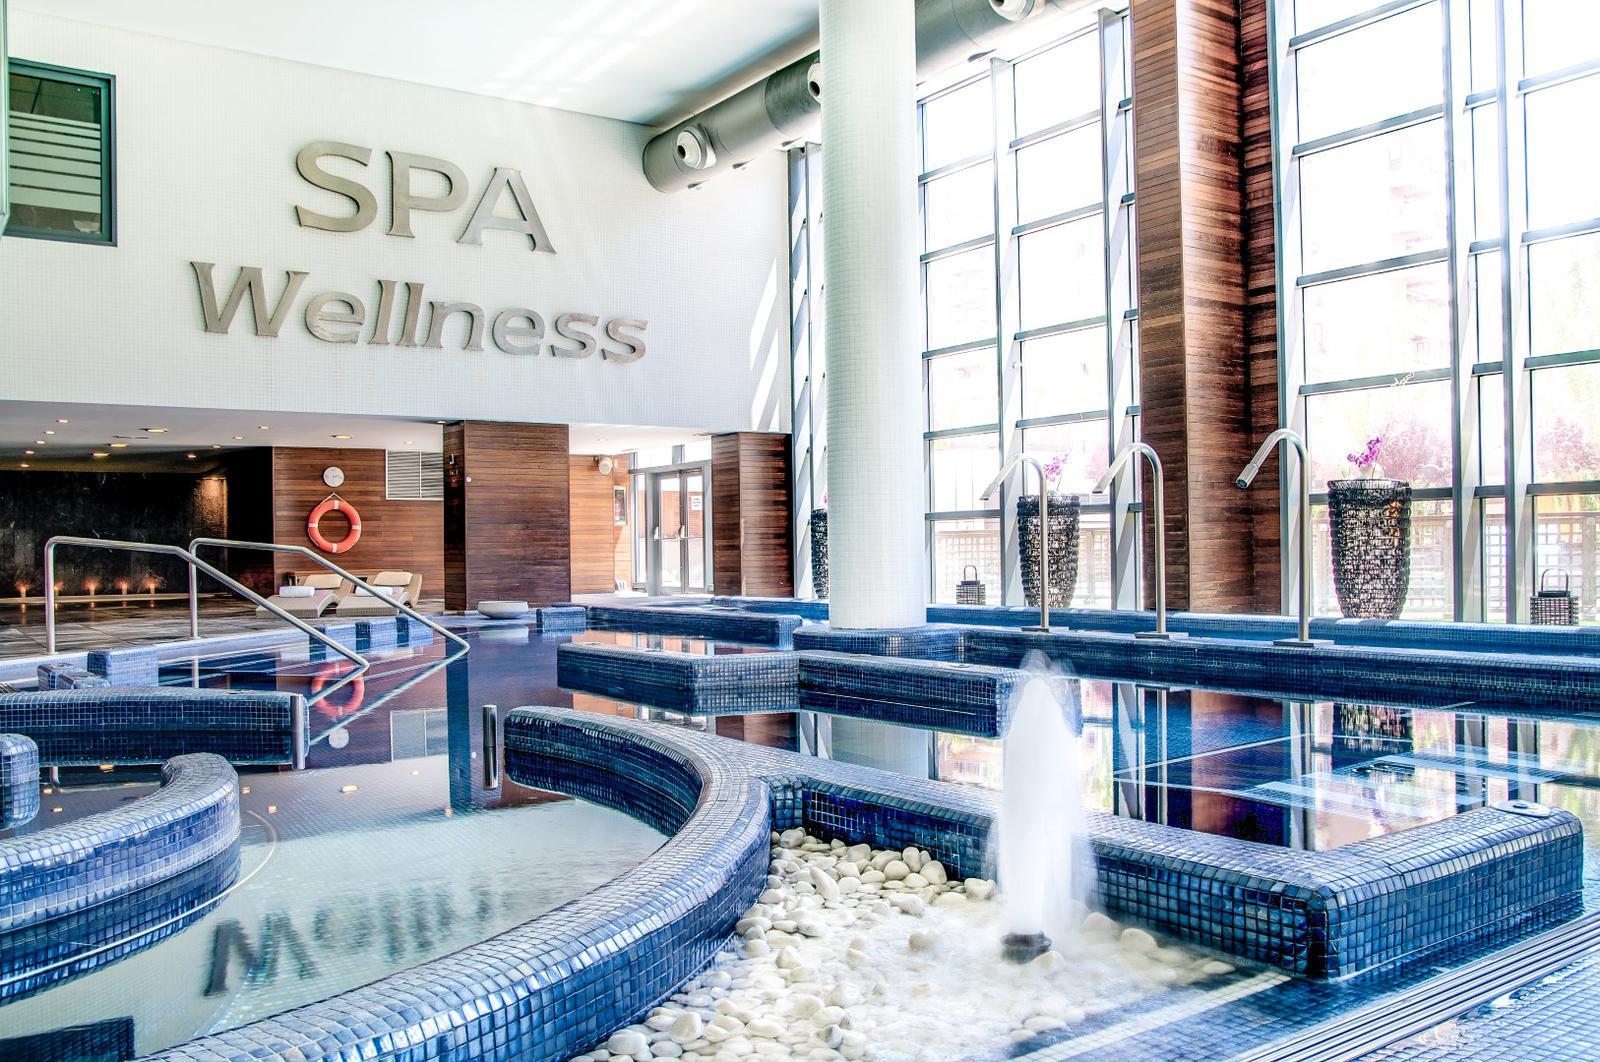 Los mejores hoteles con spa de espa a - Hoteles con piscina climatizada en madrid ...